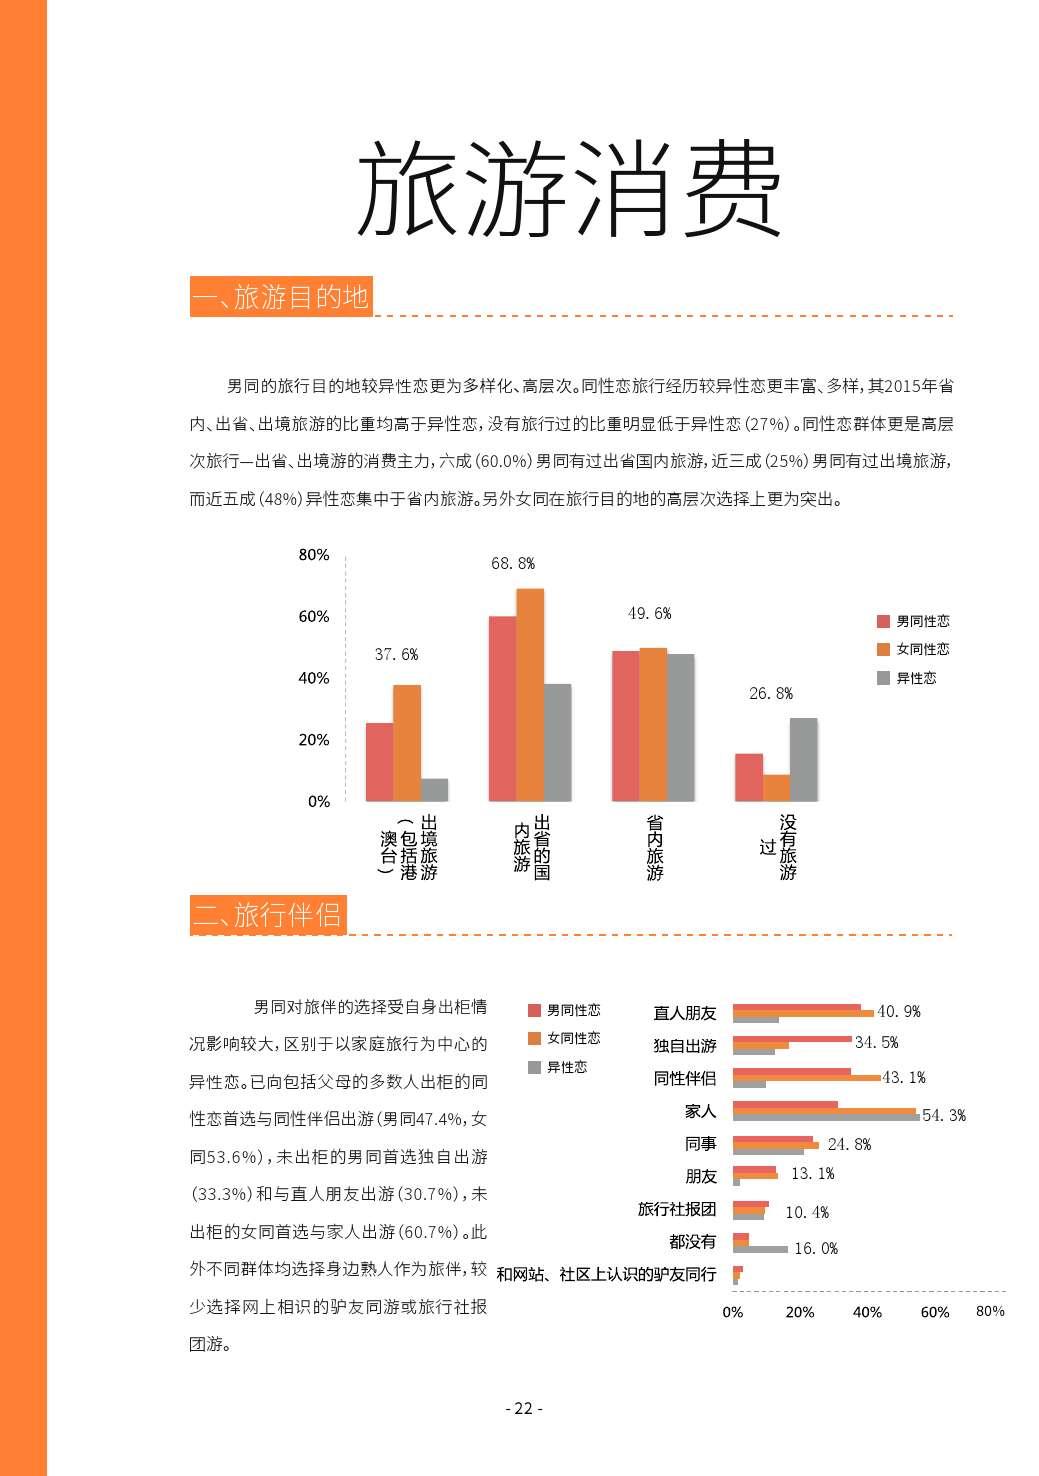 第二届中国LGBT群体消费调查报告_000022